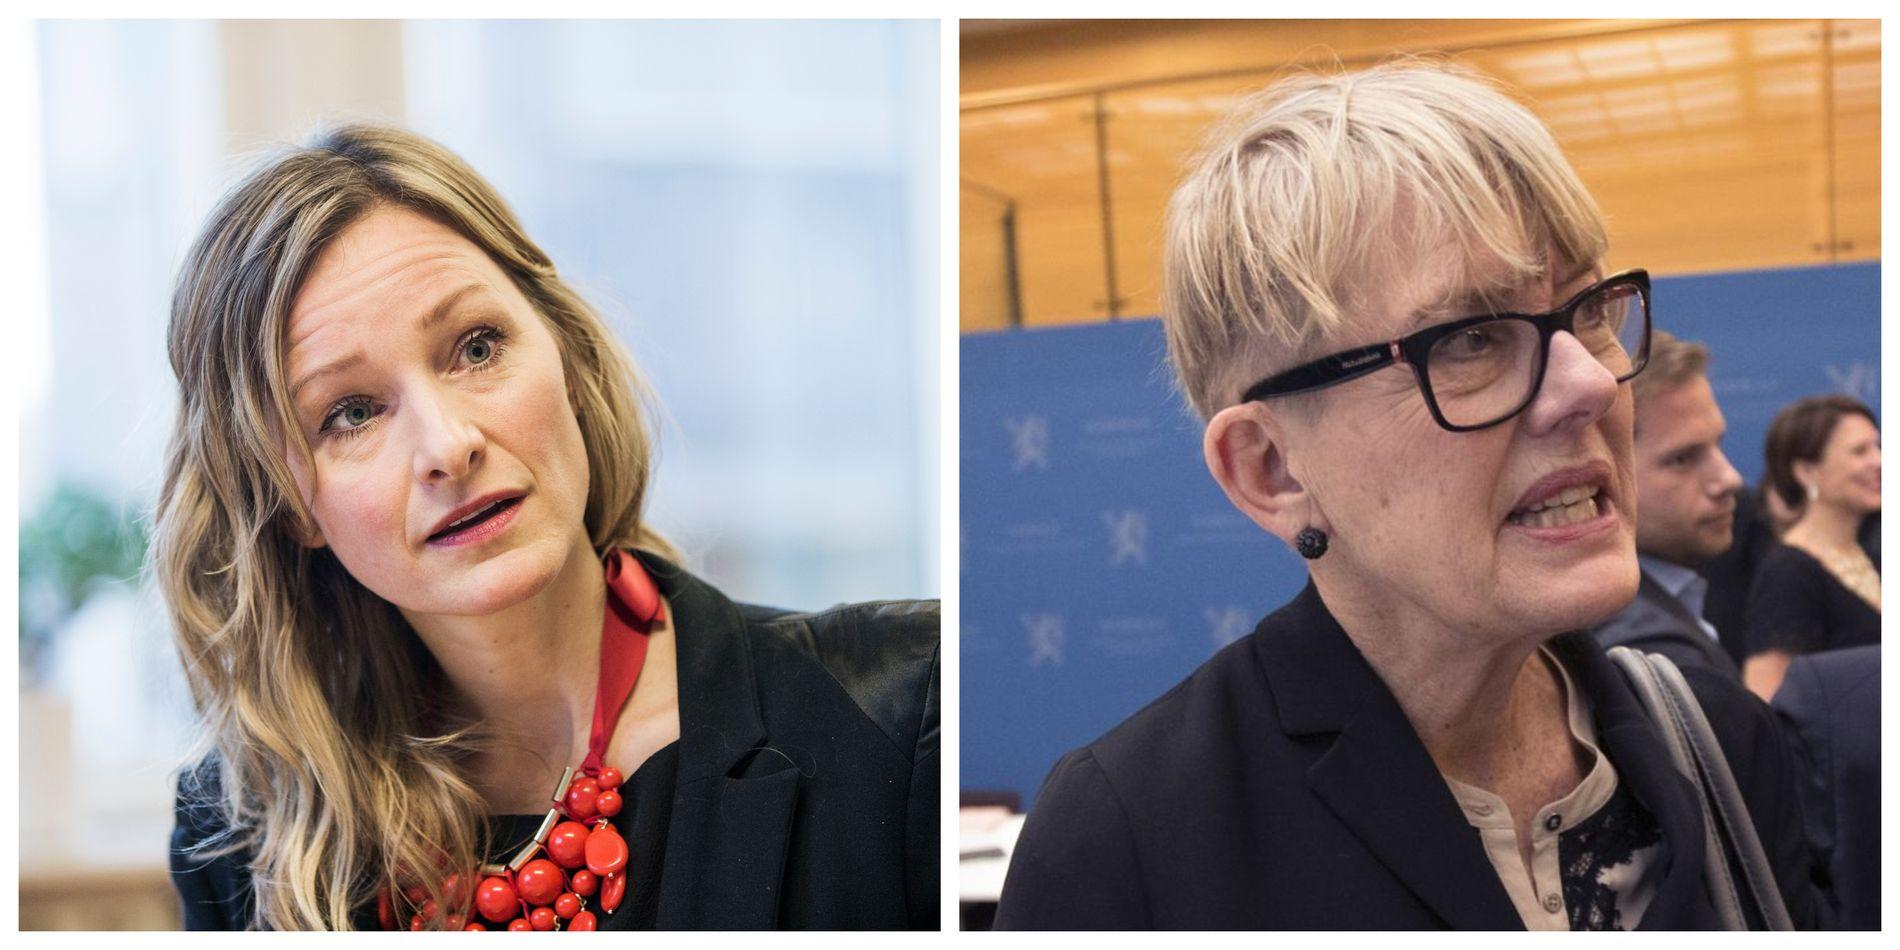 BITTER STRID: Skolebyråd Inga Marte Thorkildsen (SV) og leder for Utdanningsetaten i Oslo kommune, Astrid Søgnen.